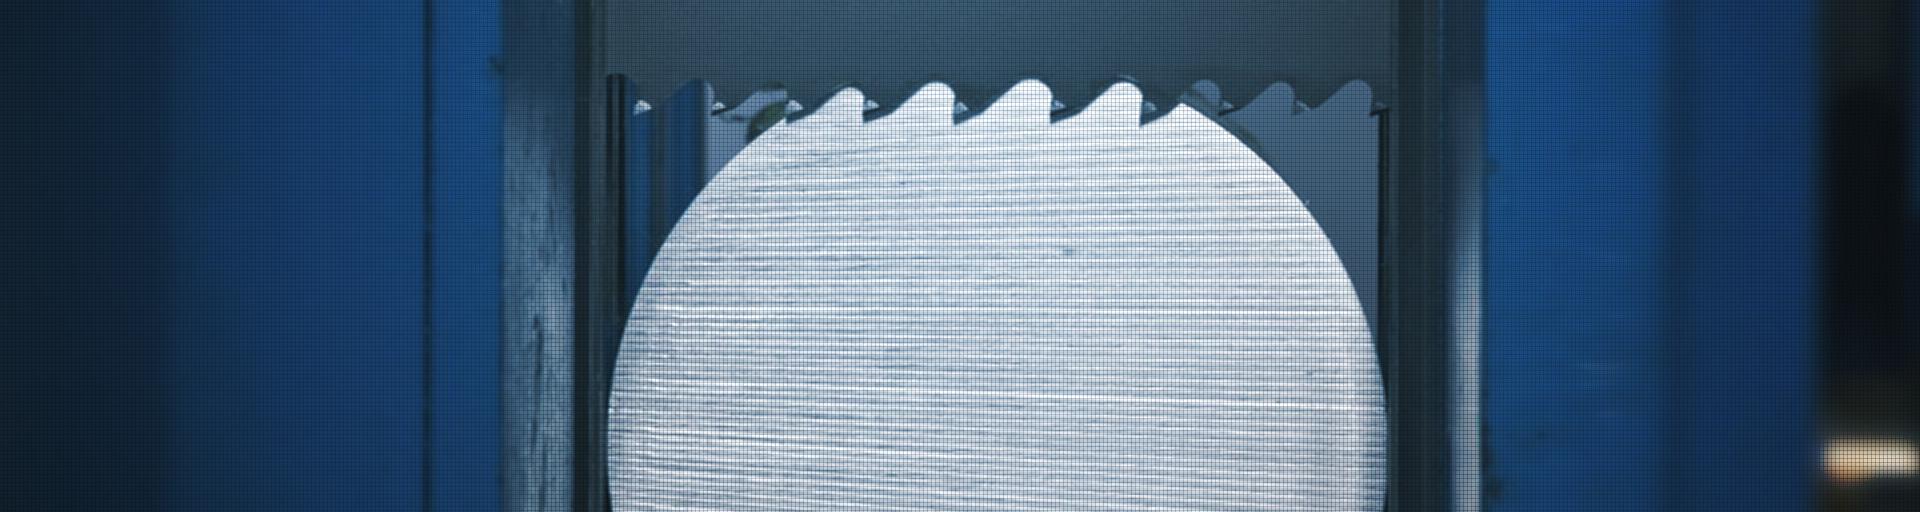 Outillage Meyzieu, lames de scie Lyon, outillage à main en Rhône alpes